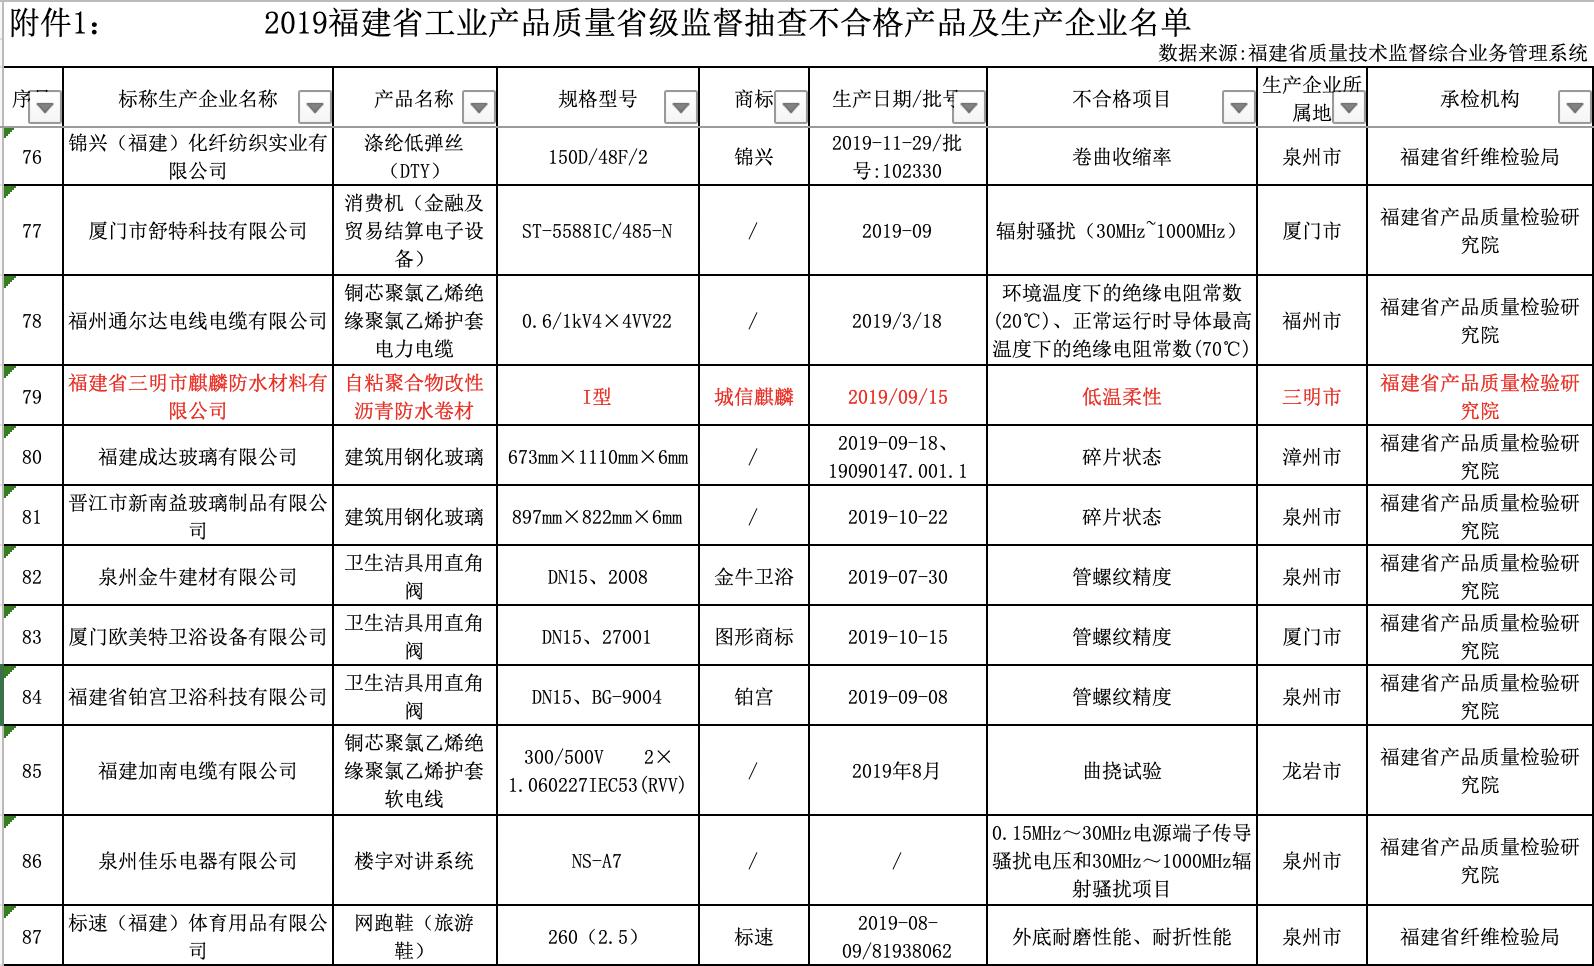 附件1:2019年福建省工业产品质量省级监督抽查不合格产品及生产企业名单.png